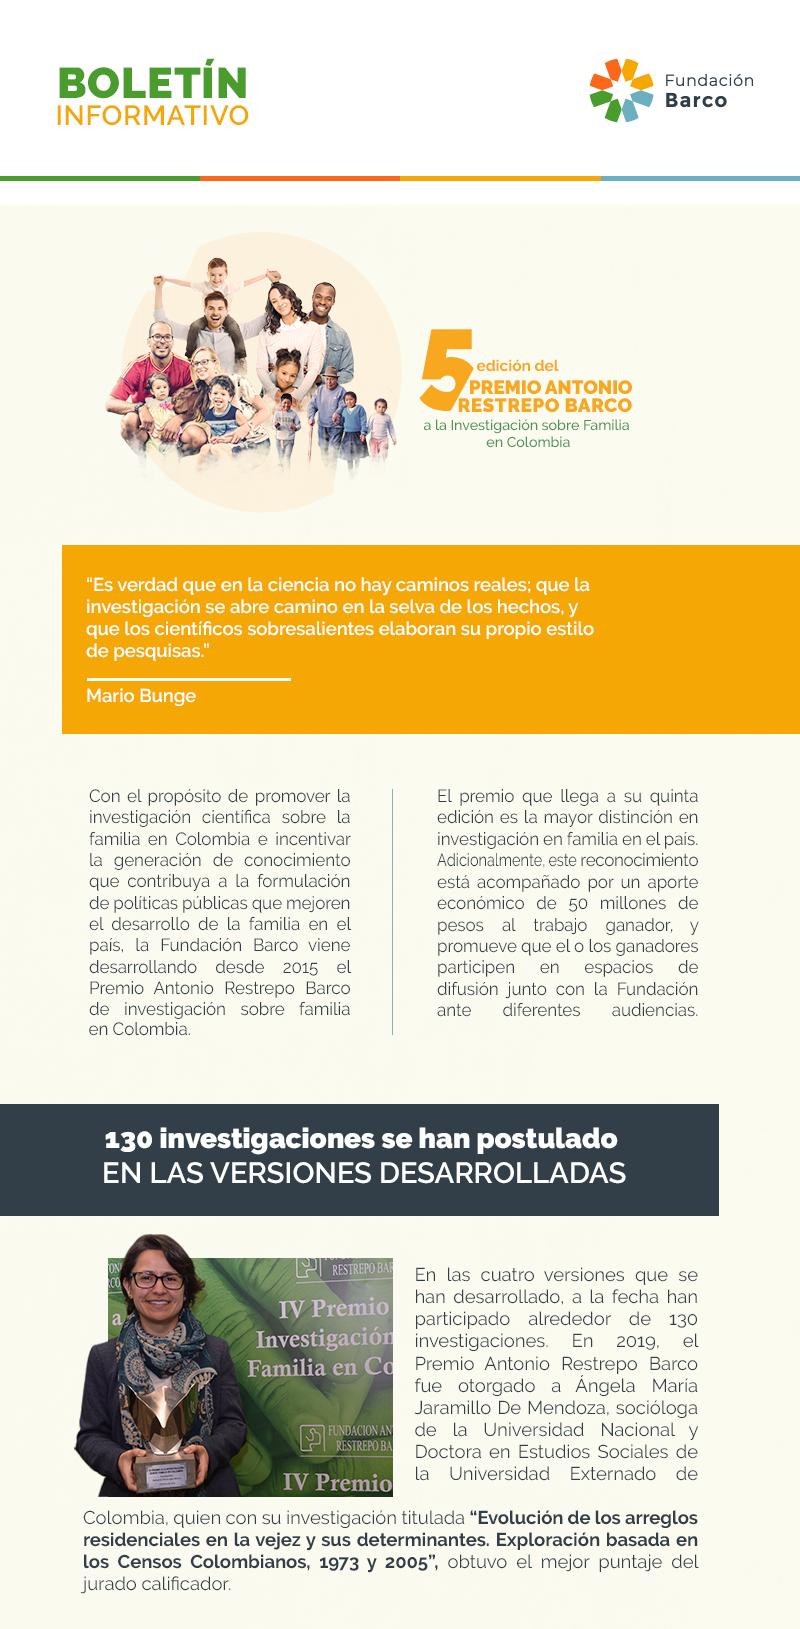 5TA EDICIÓN DEL PREMIO ANTONIO RESTREPO BARCO A LA INVESTIGACIÓN SOBRE FAMILIA EN COLOMBIA